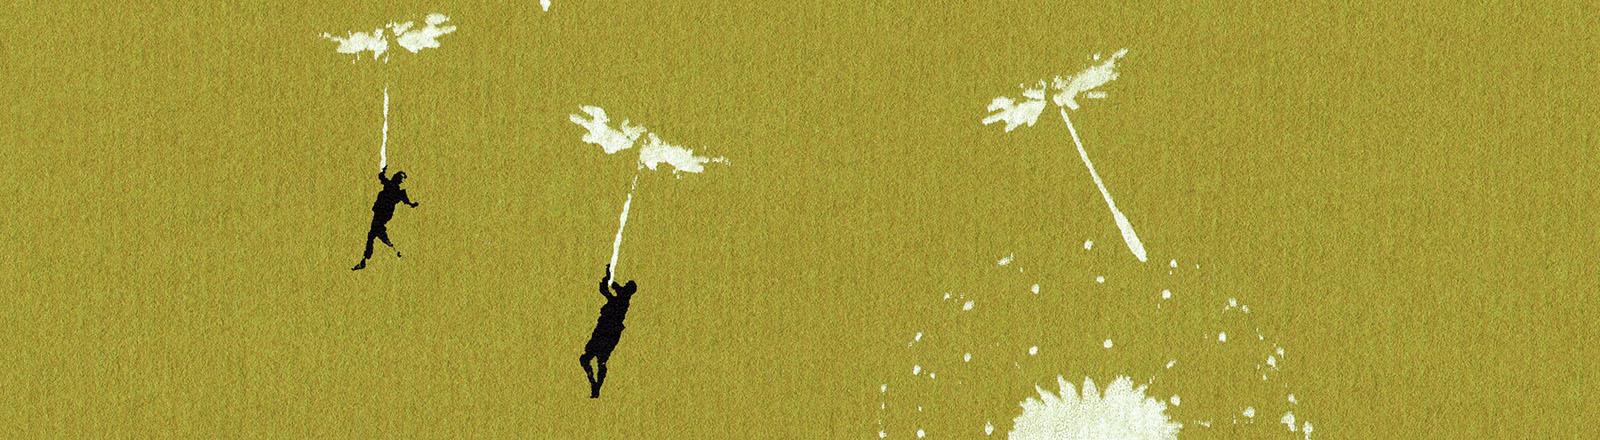 Menschen fliegen auf Löwenzahnsamen davon